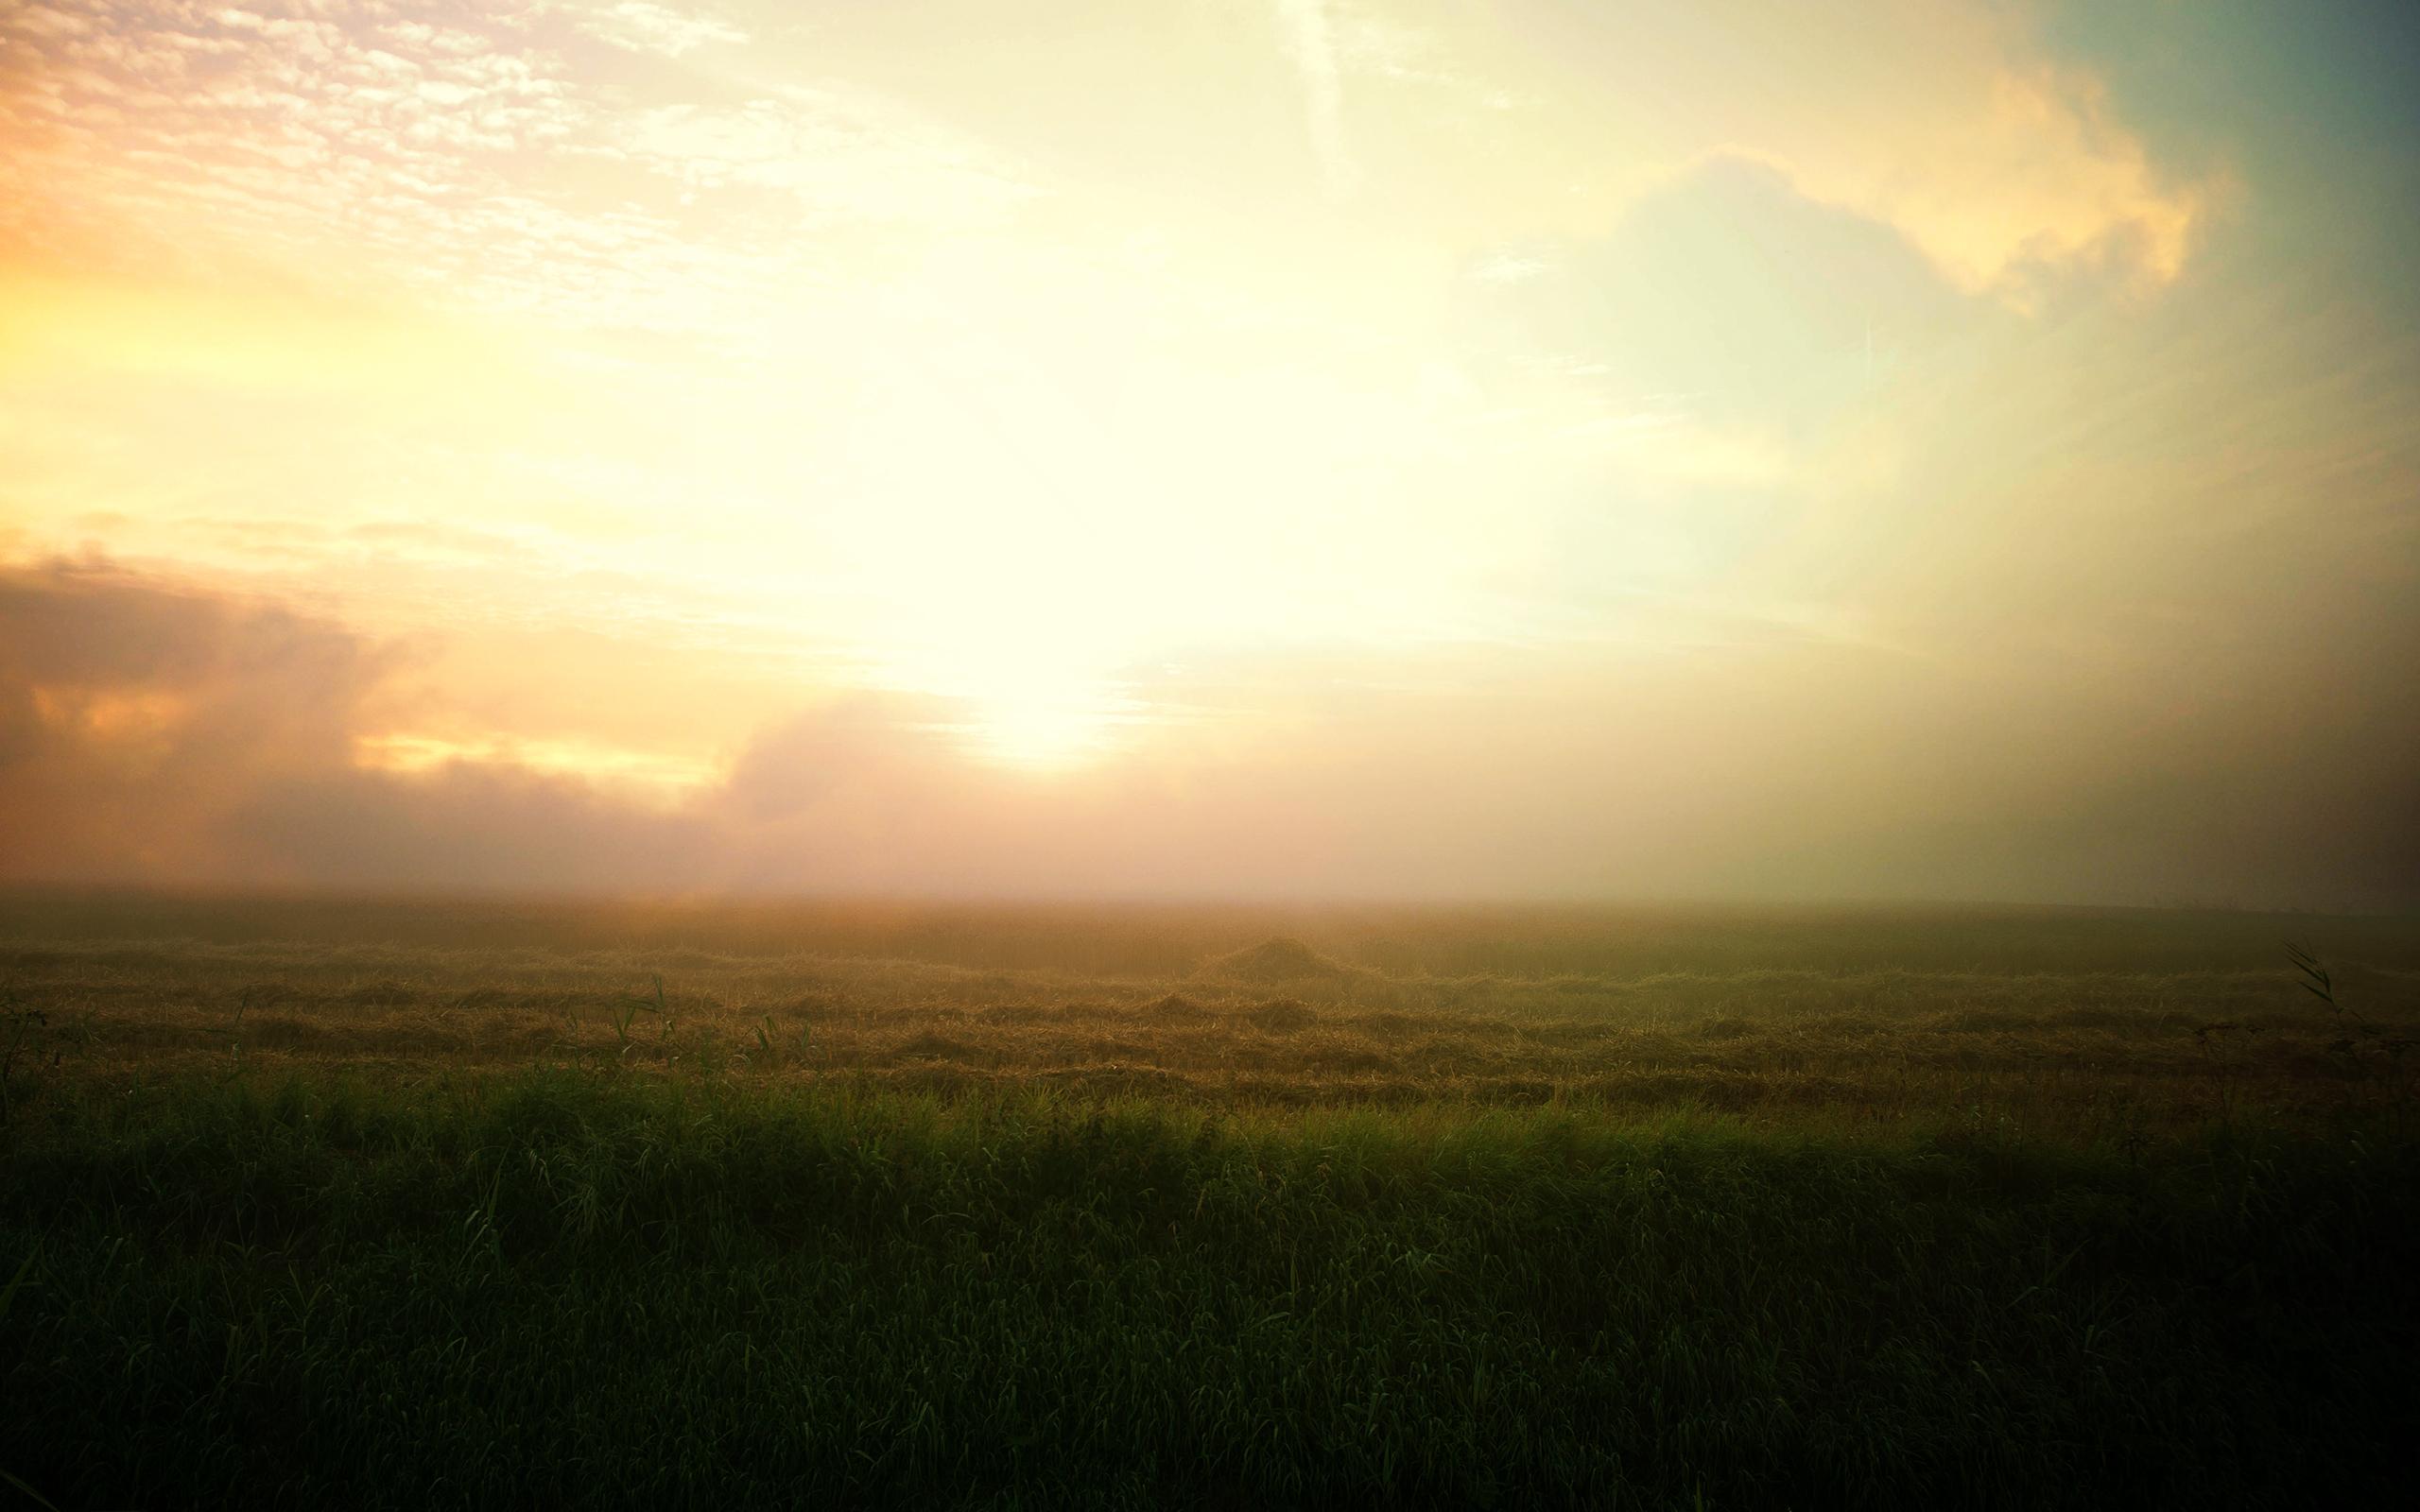 Восход фермы пейзаж. обои скачать